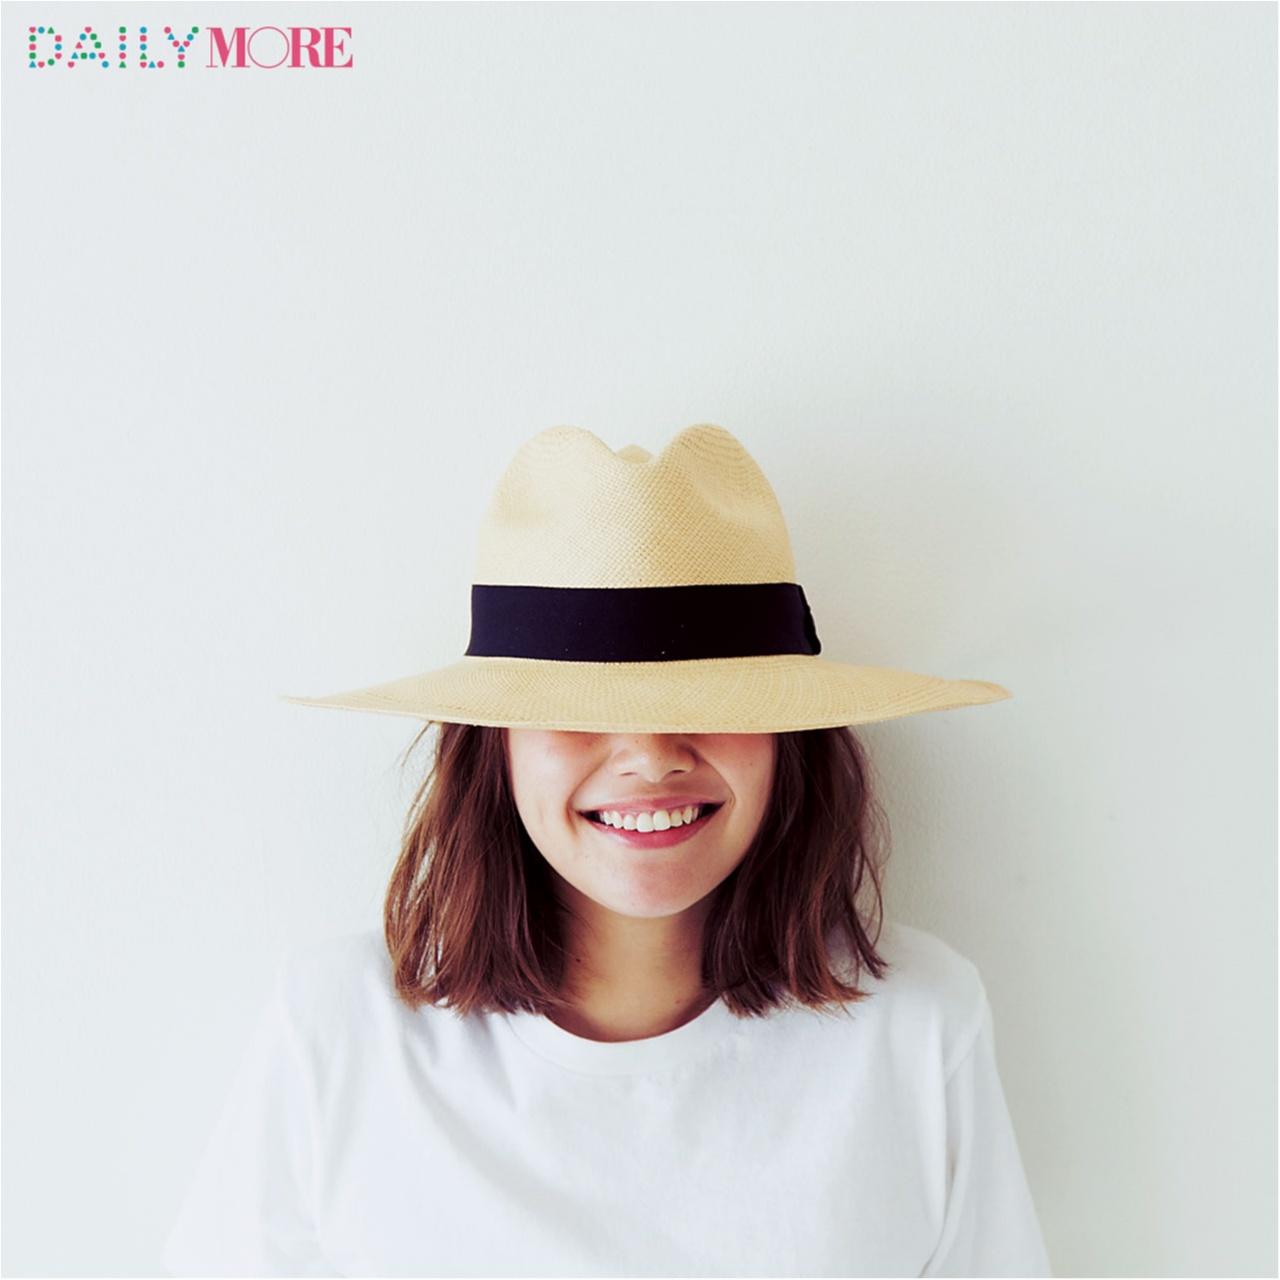 人気スタイリスト石上美津江さんが選んだ「27歳のためのカジュアル名品」(4)_1